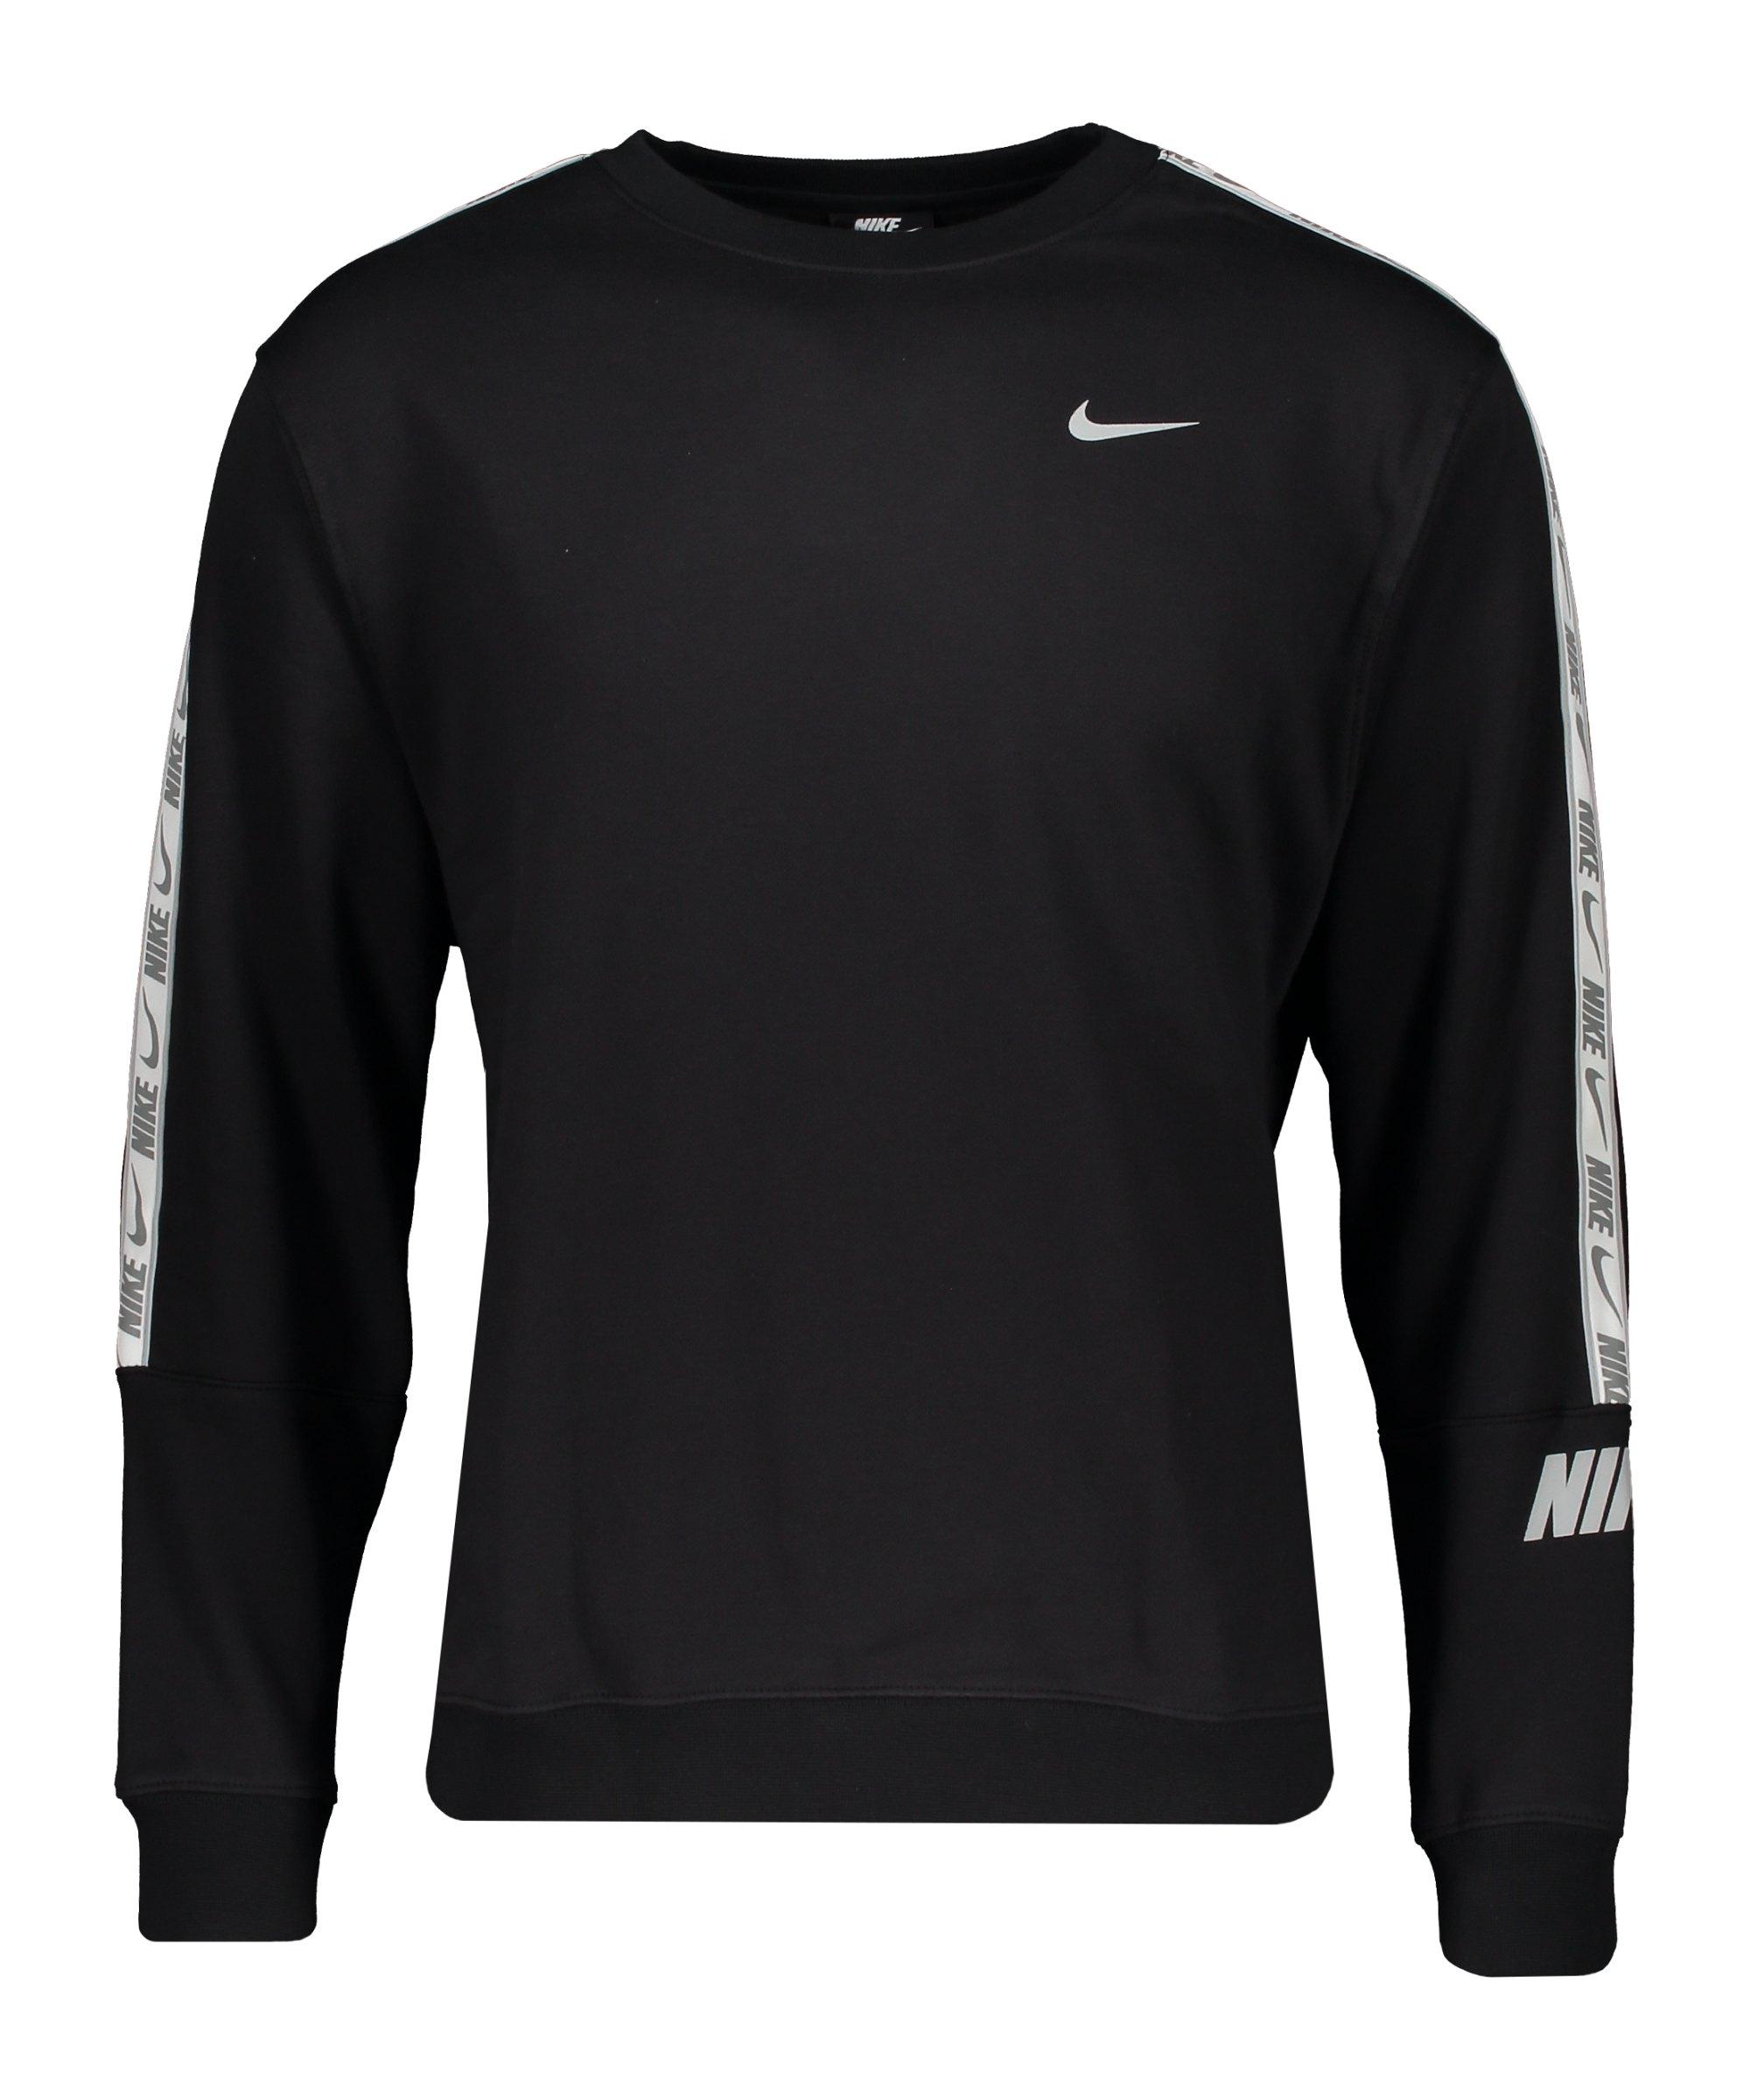 Nike Repeat Fleece Crew Sweatshirt Schwarz F010 - schwarz